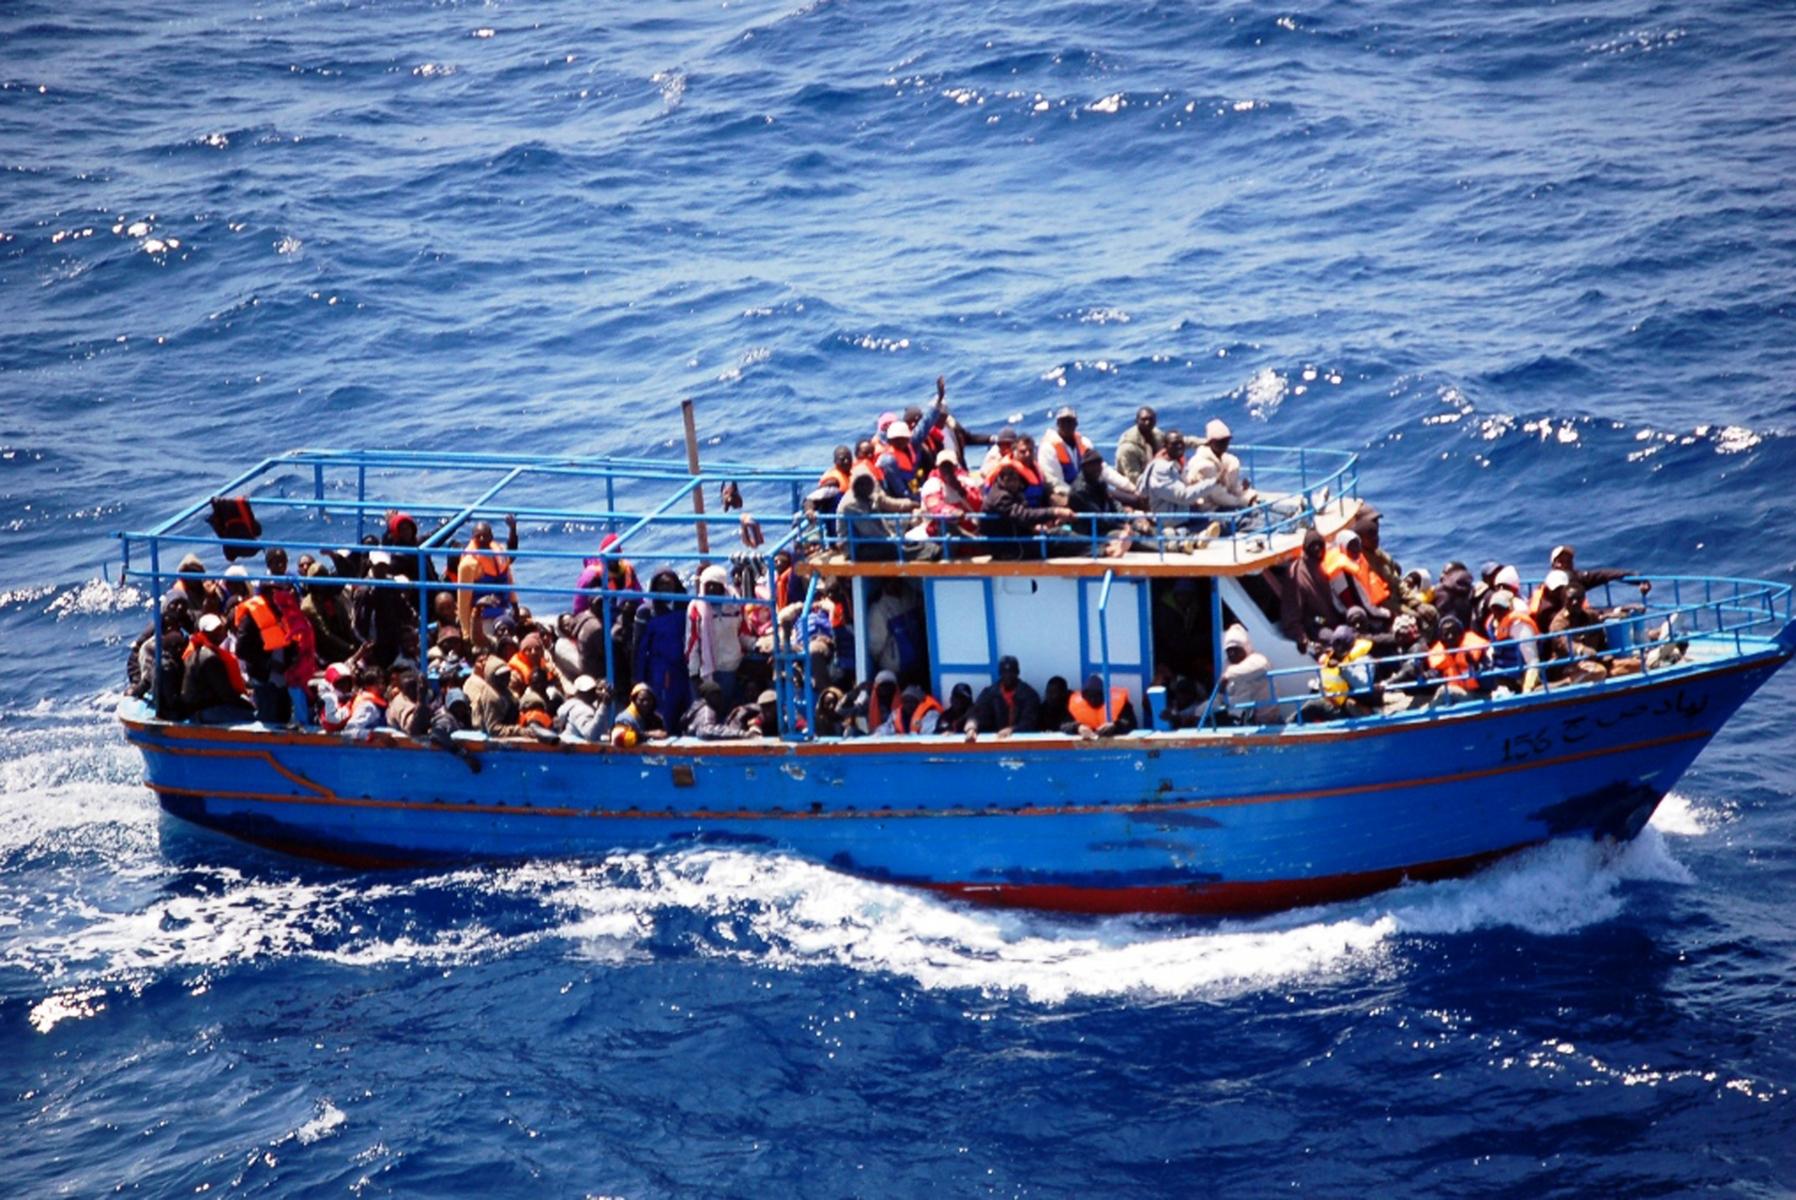 Μετανάστες_πρόσφυγες_προσφυγικές_ροές_αύξηση_συμφωνία_ΕΕ-Τουρκίας_Συνέντευξη_Βόζεμπεργκ_ευρωπαϊκό_κοινοβούλιο_DW_Deutsche Welle_παρέμβαση_ολομέλεια_εσωτερική_ασφάλεια_προκλητική_στάση_τουρκίας_αυξημένες_μεταναστευτικές_ροές